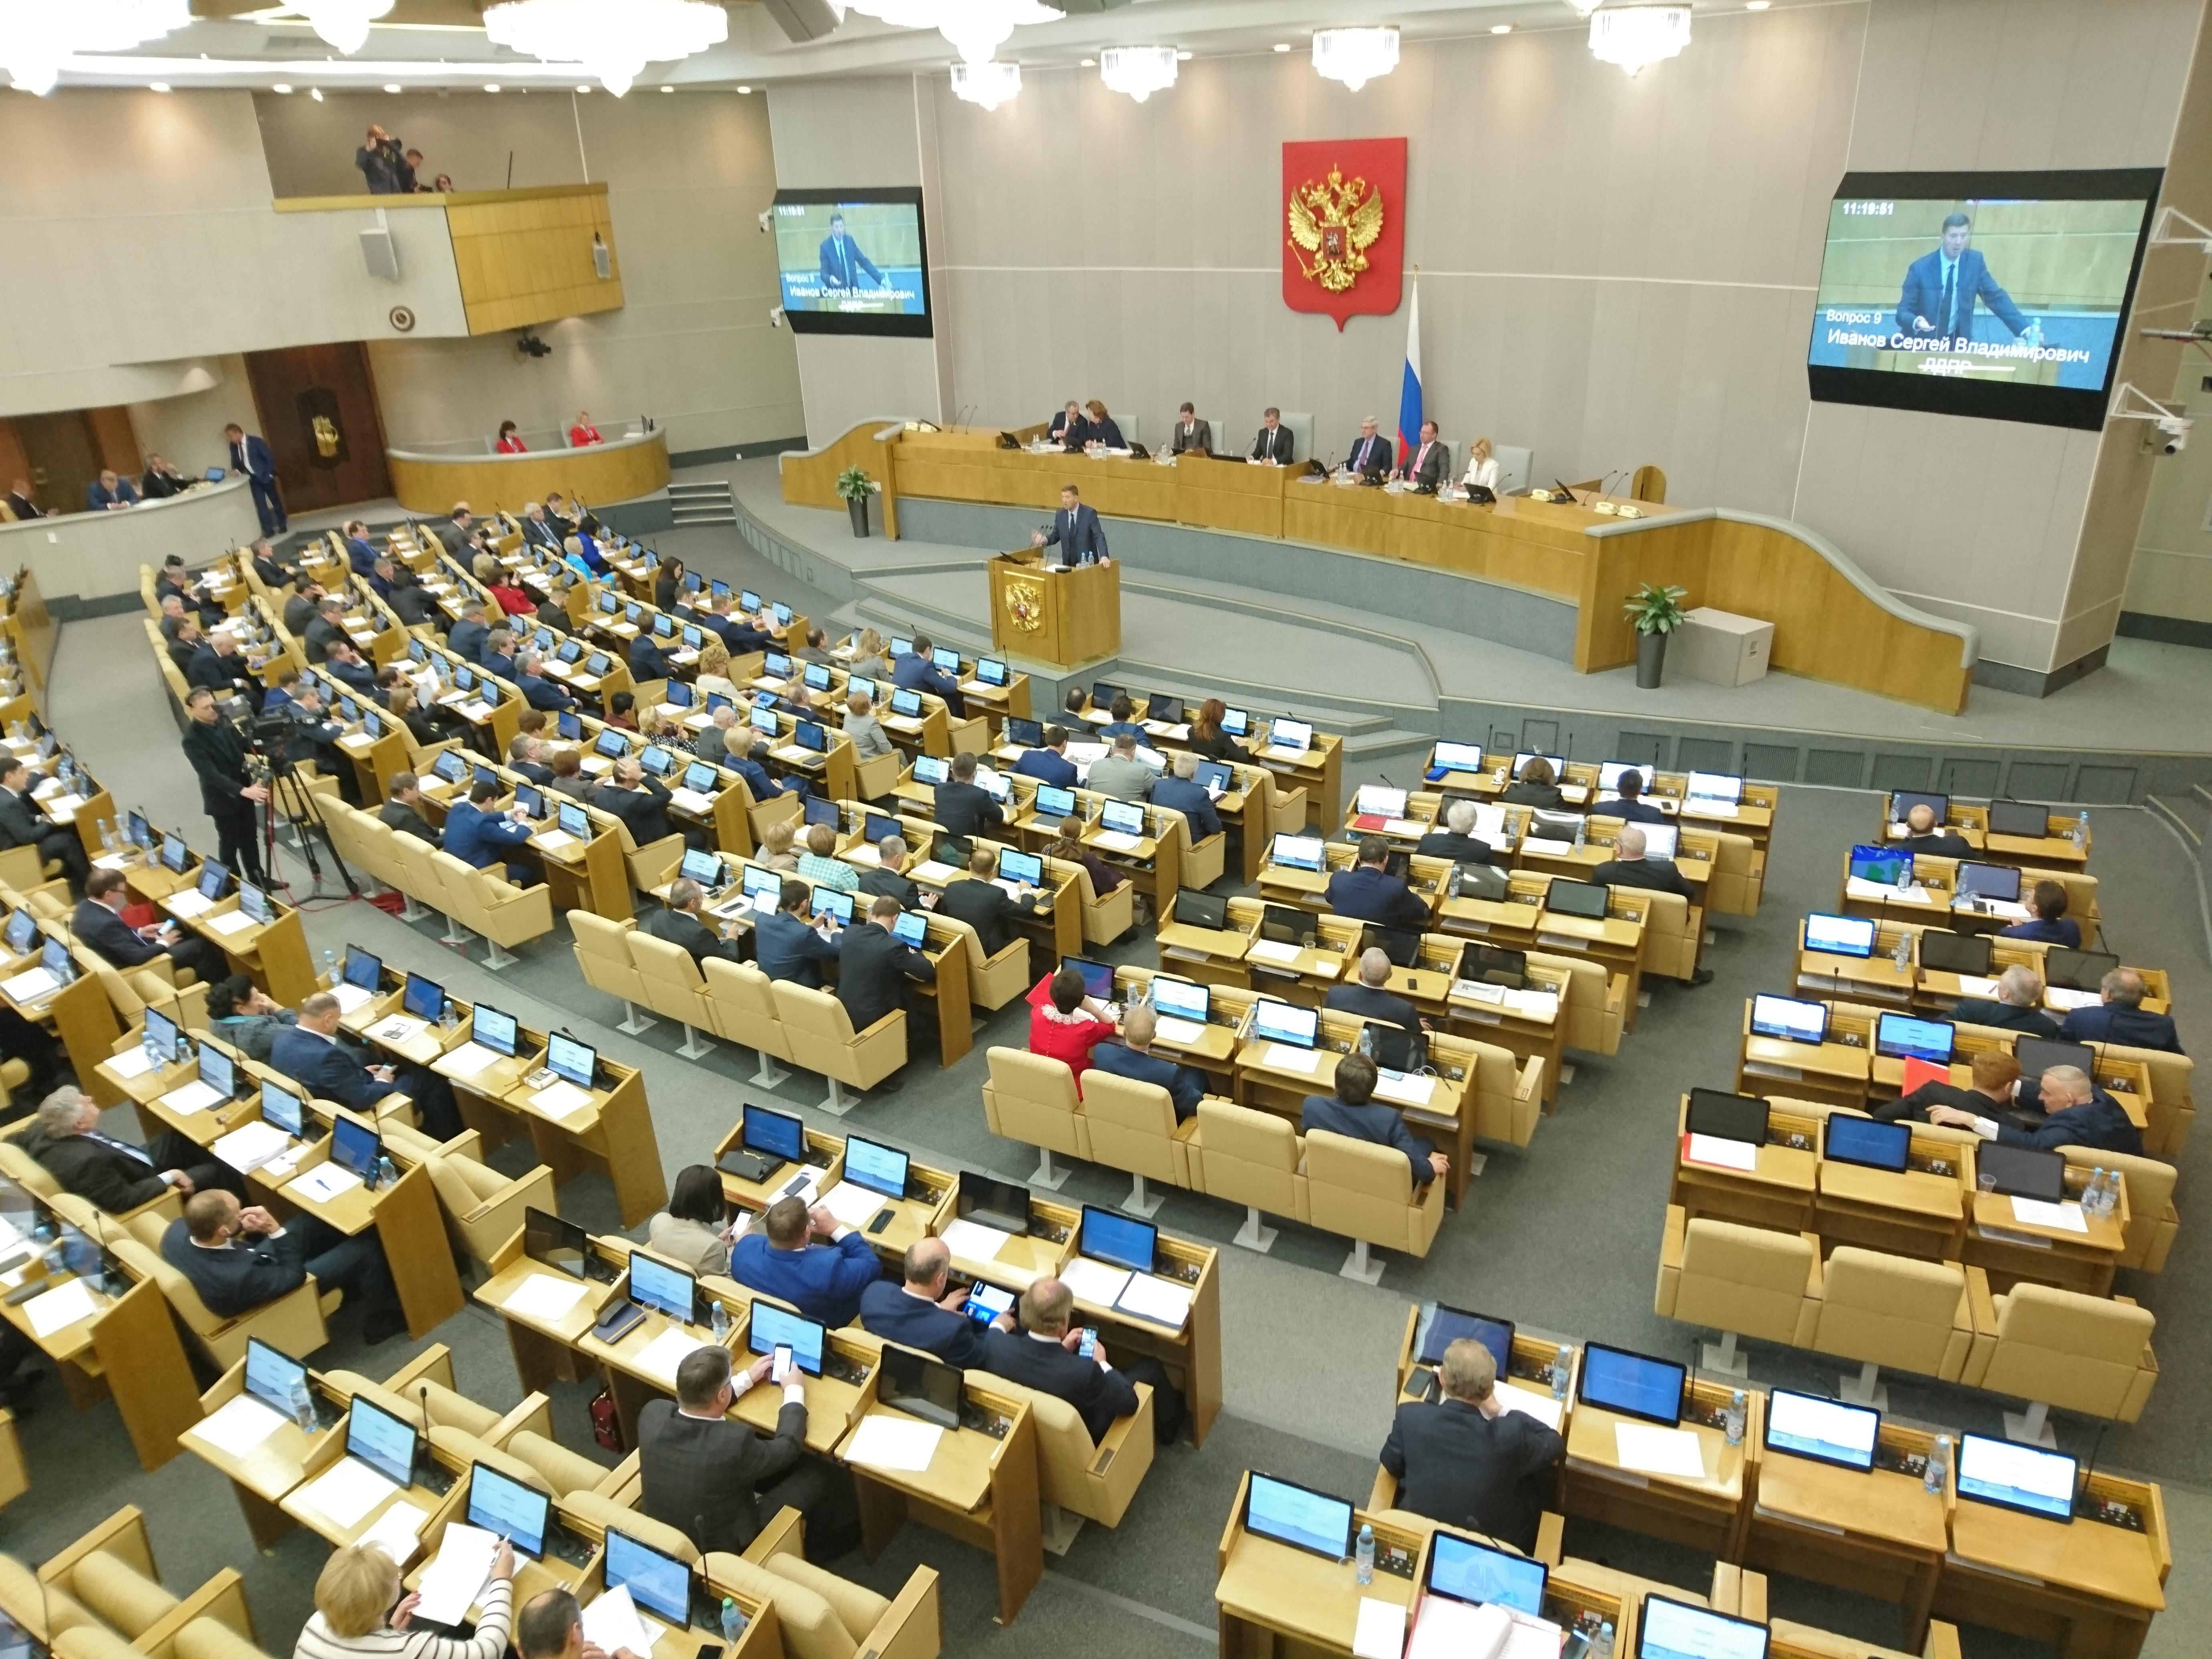 Государственная дума приняла впервом чтении проект оволонтерстве идобровольчестве